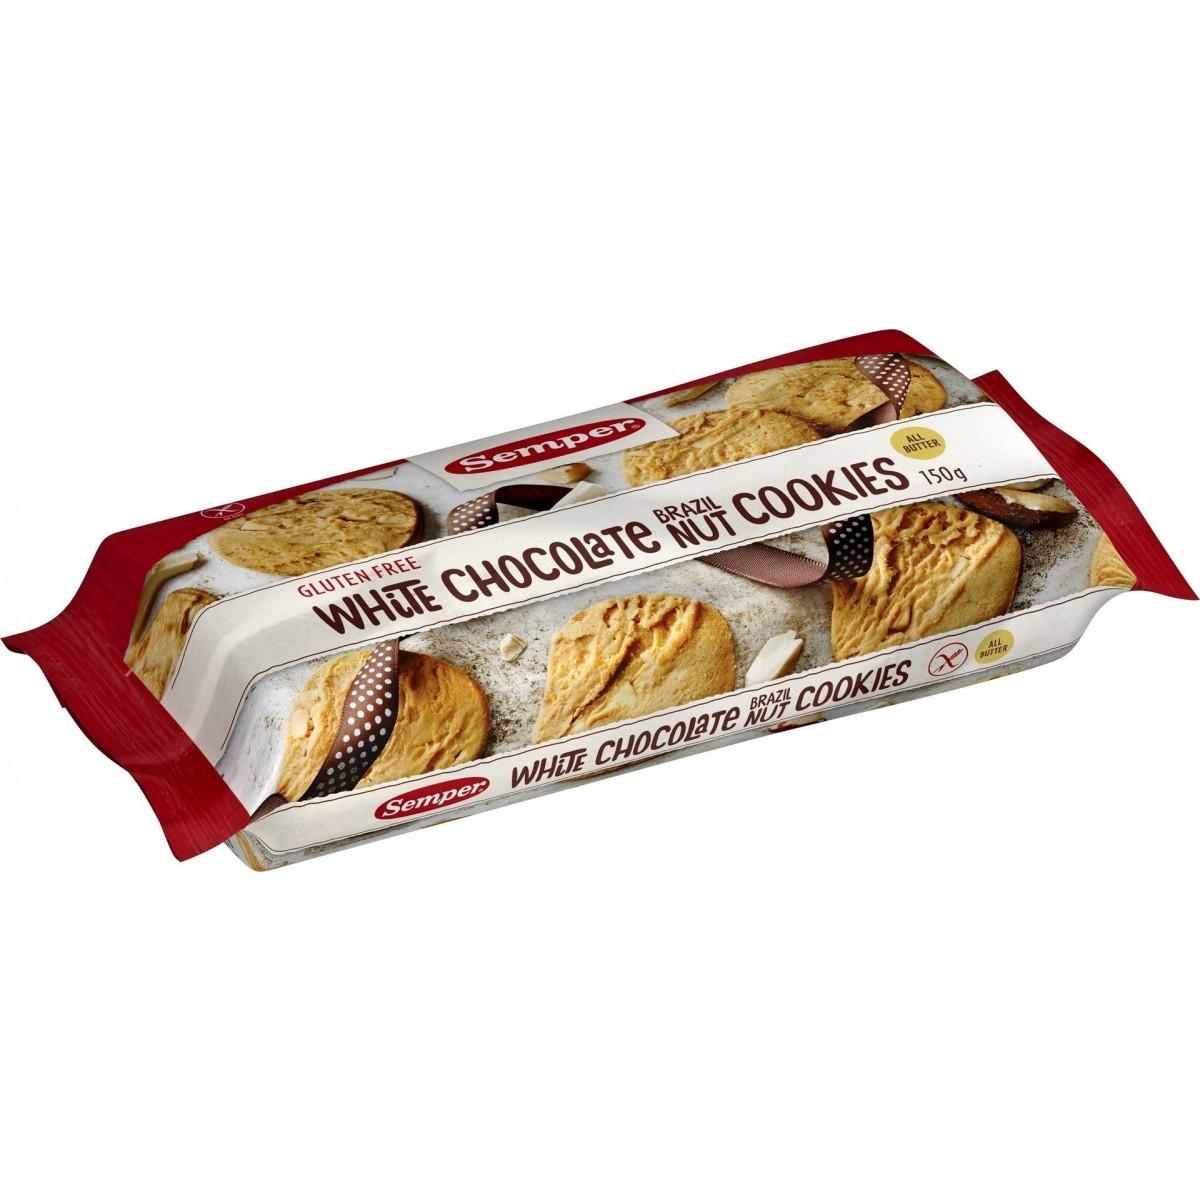 White Chocolate Brazilnut Cookies